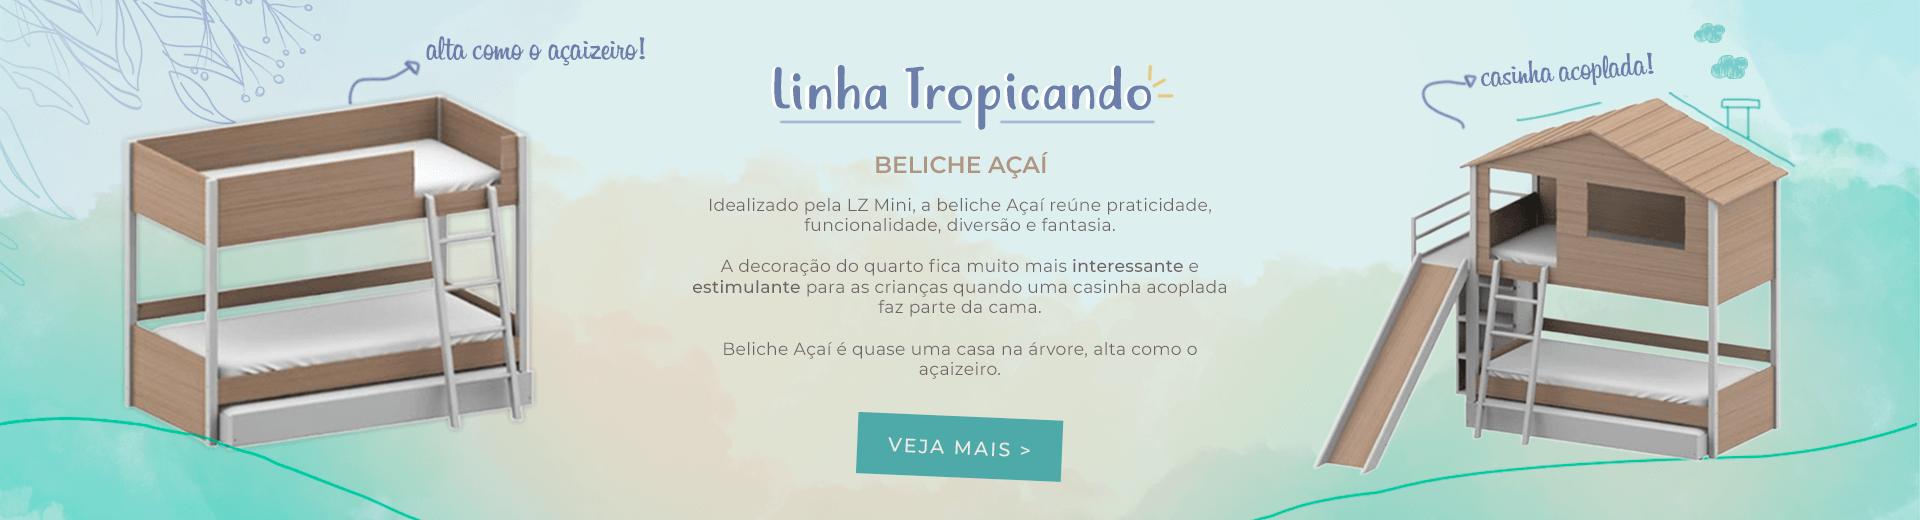 Beliche Açaí